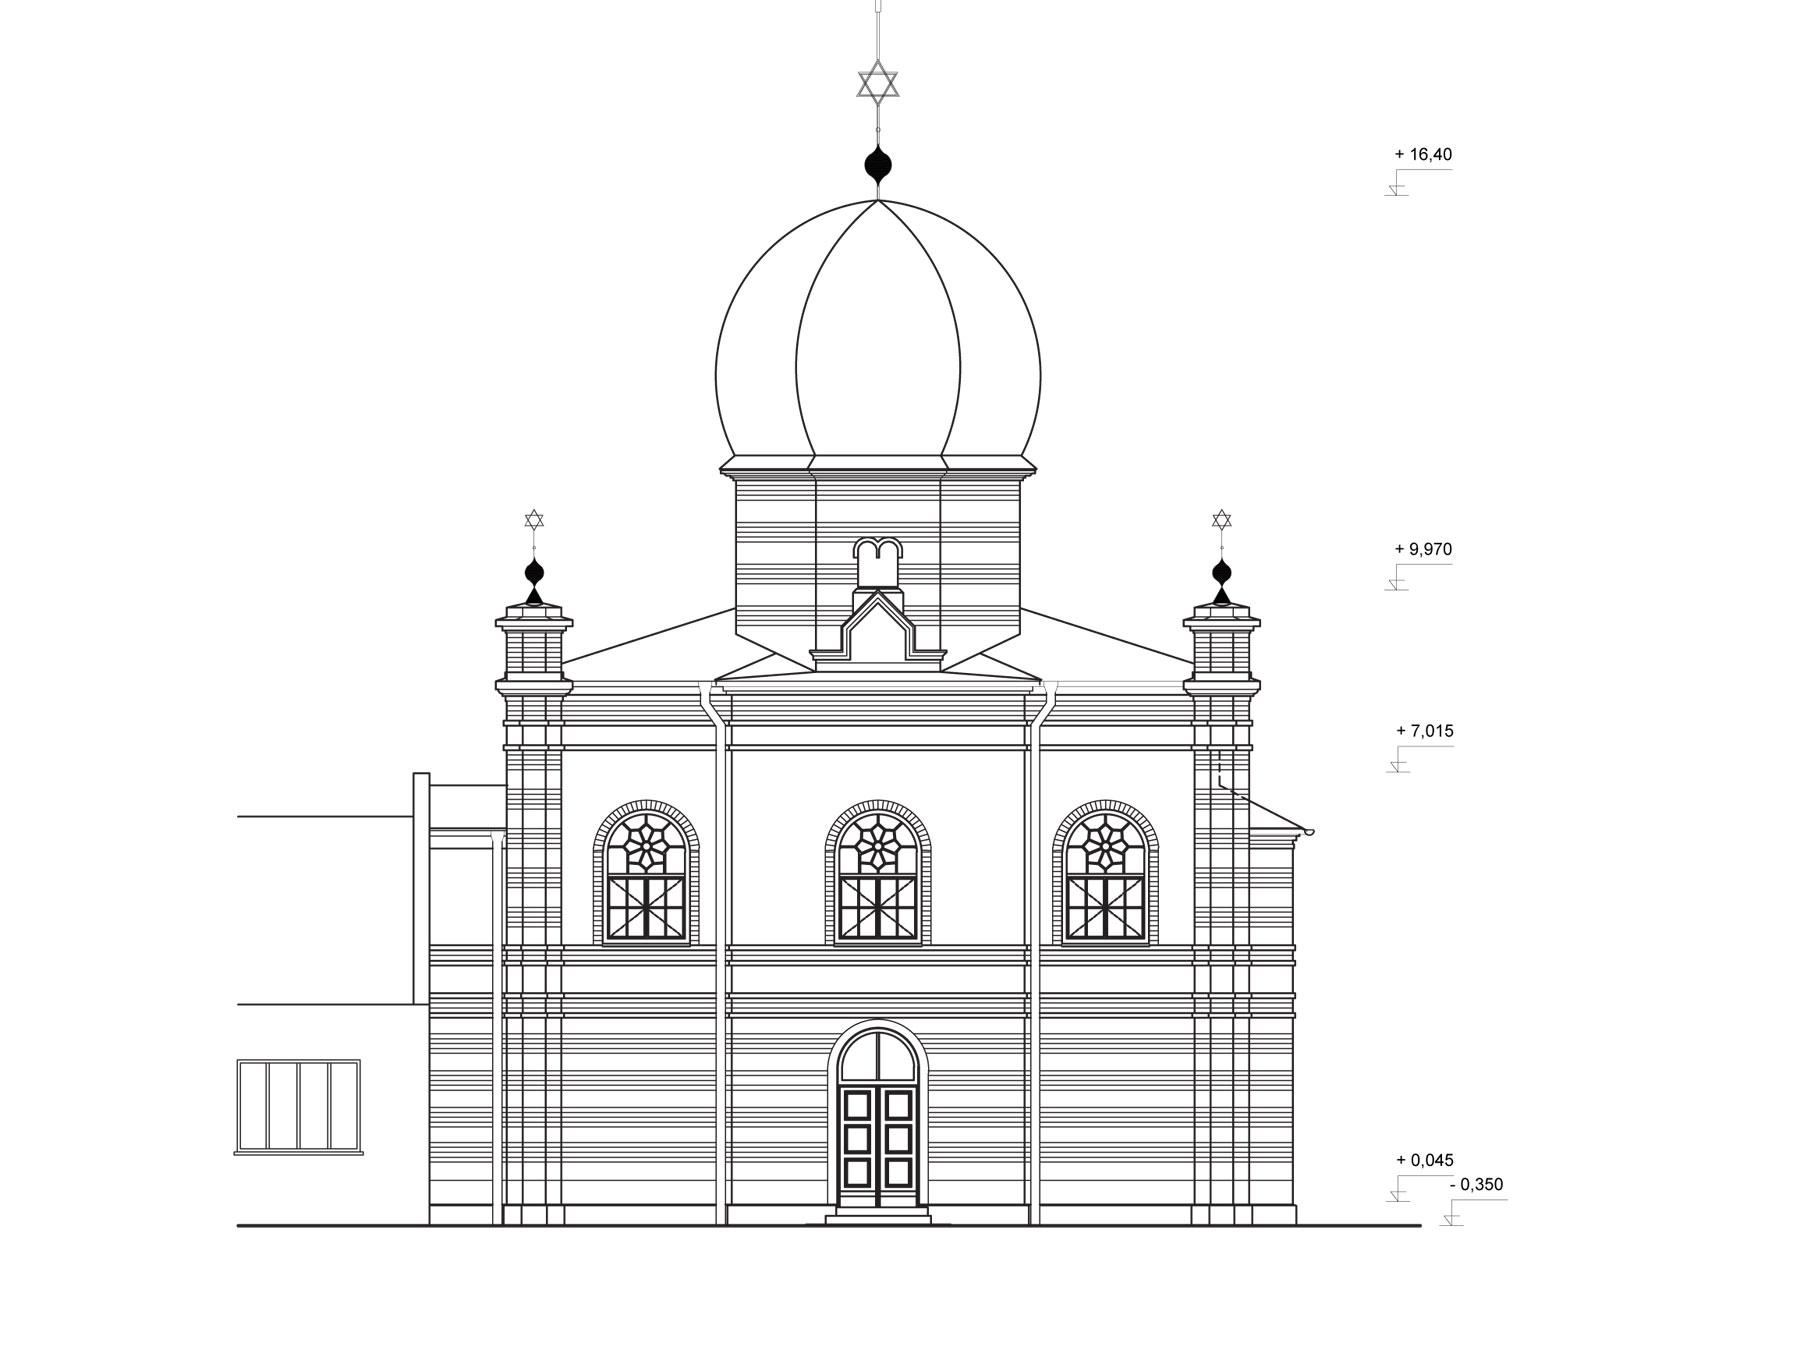 studia synagoga pohlad zapadny